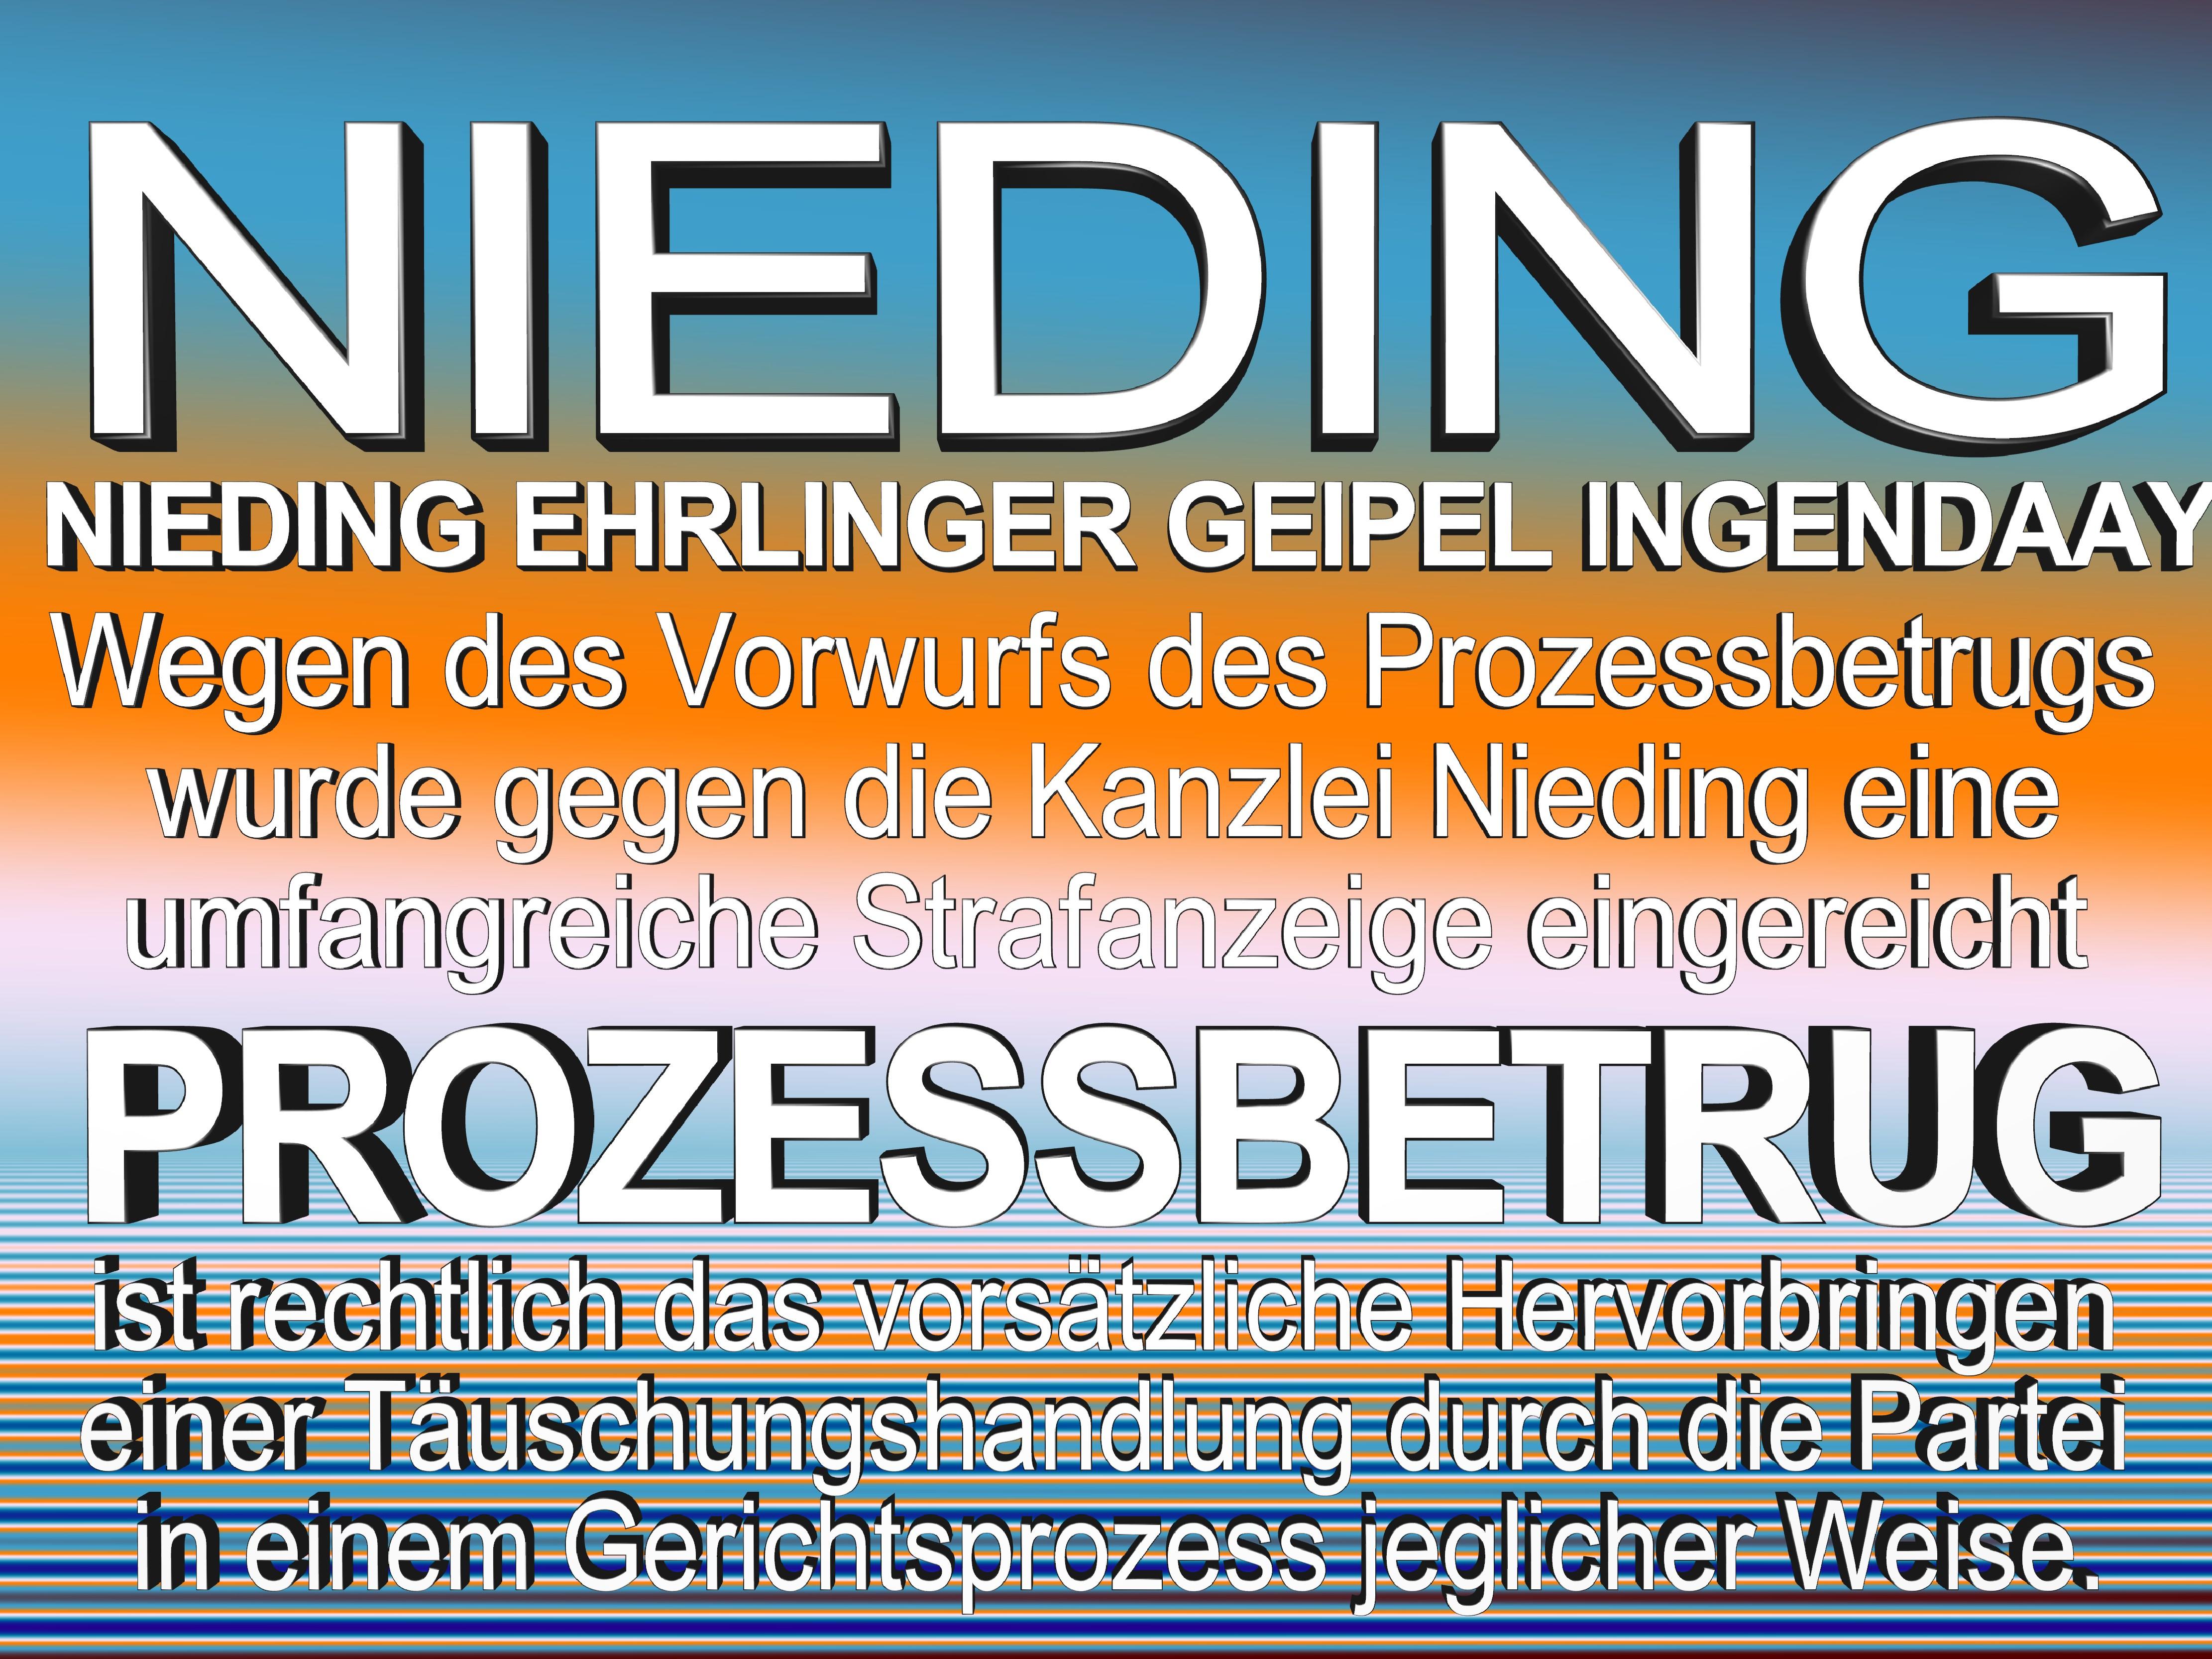 NIEDING EHRLINGER GEIPEL INGENDAAY LELKE Kurfürstendamm 66 Berlin (65)